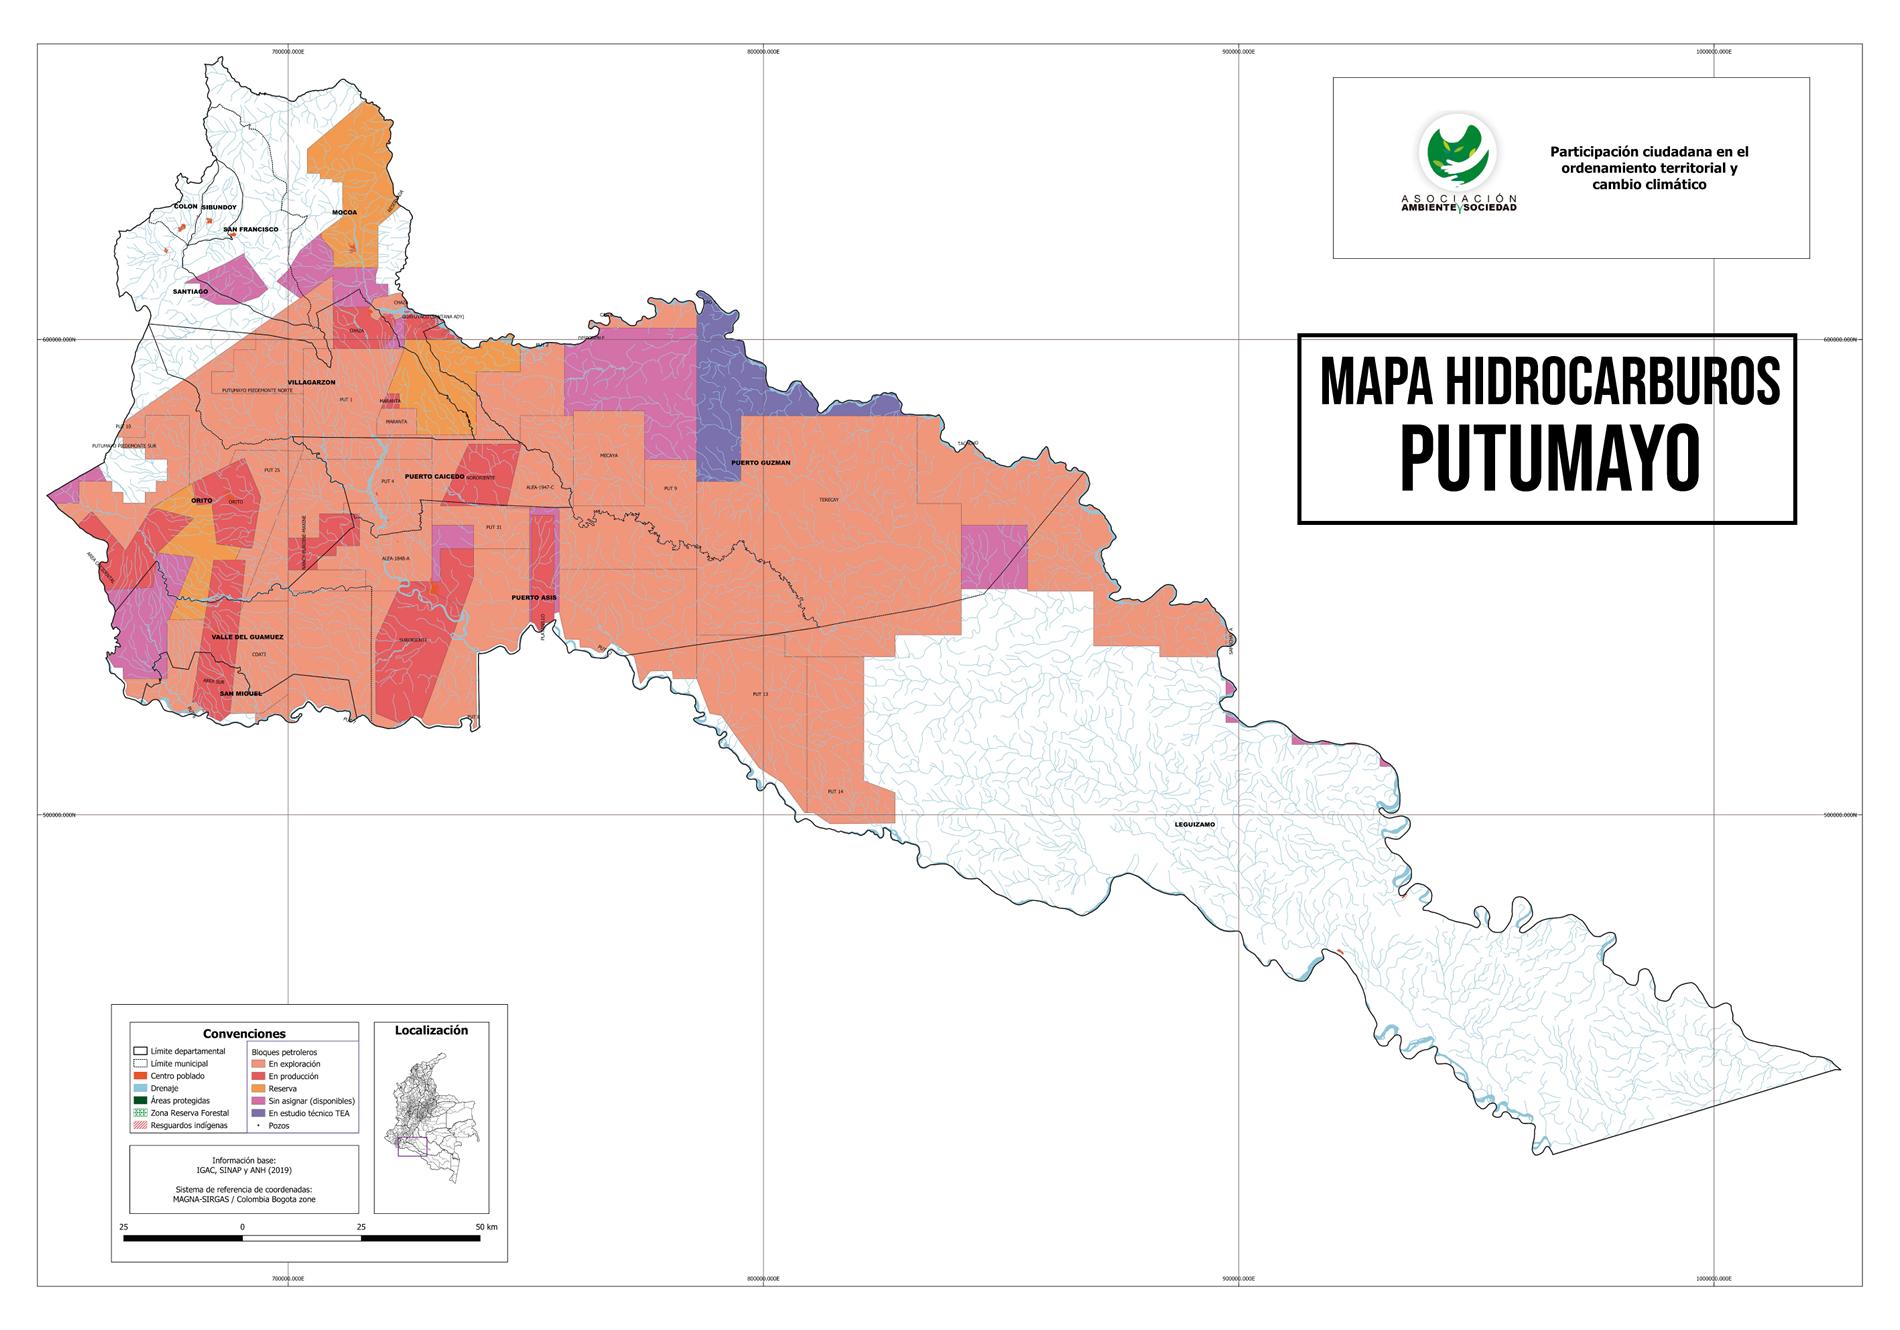 Mapa Hidrocarburos en el Putumayo